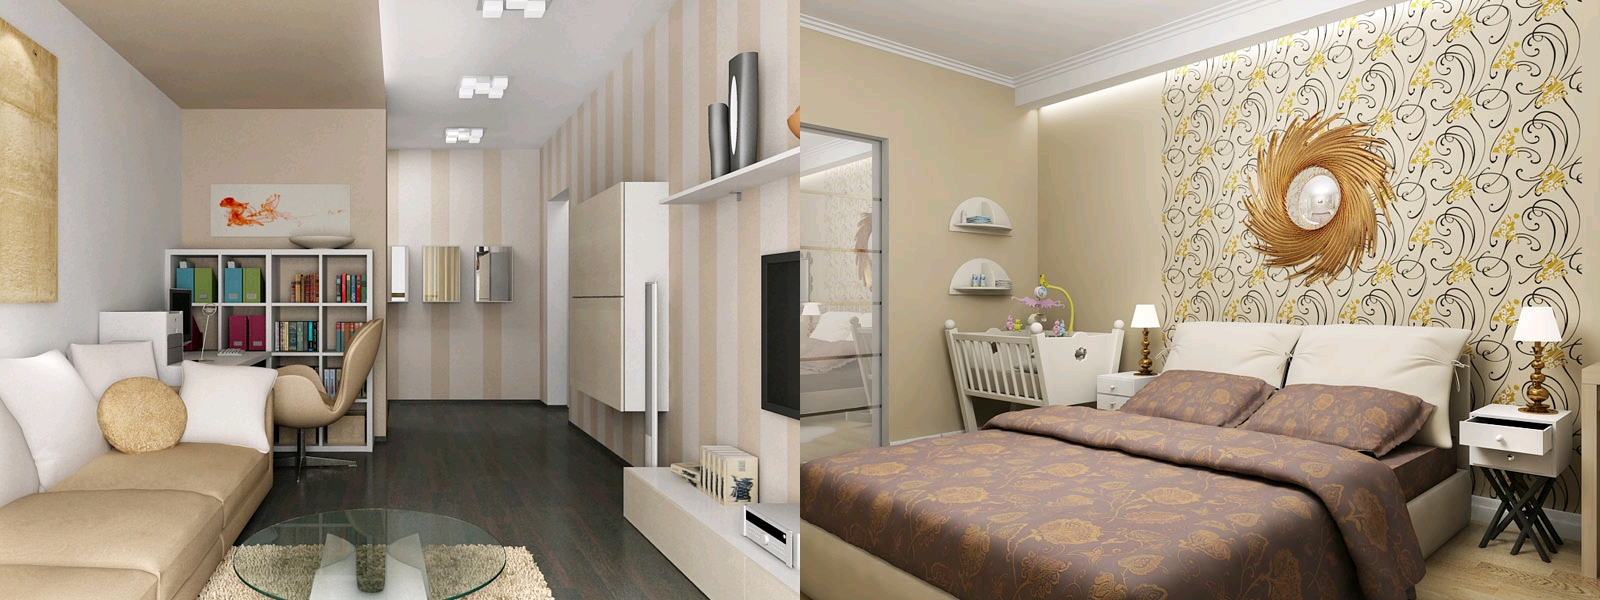 Интерьер двухкомнатной квартирисделать дизайн 2 комнатной квартиры хрущовки нескучным, что запоминается, подчеркнуть достоинства  интерьера можно с помощью использования